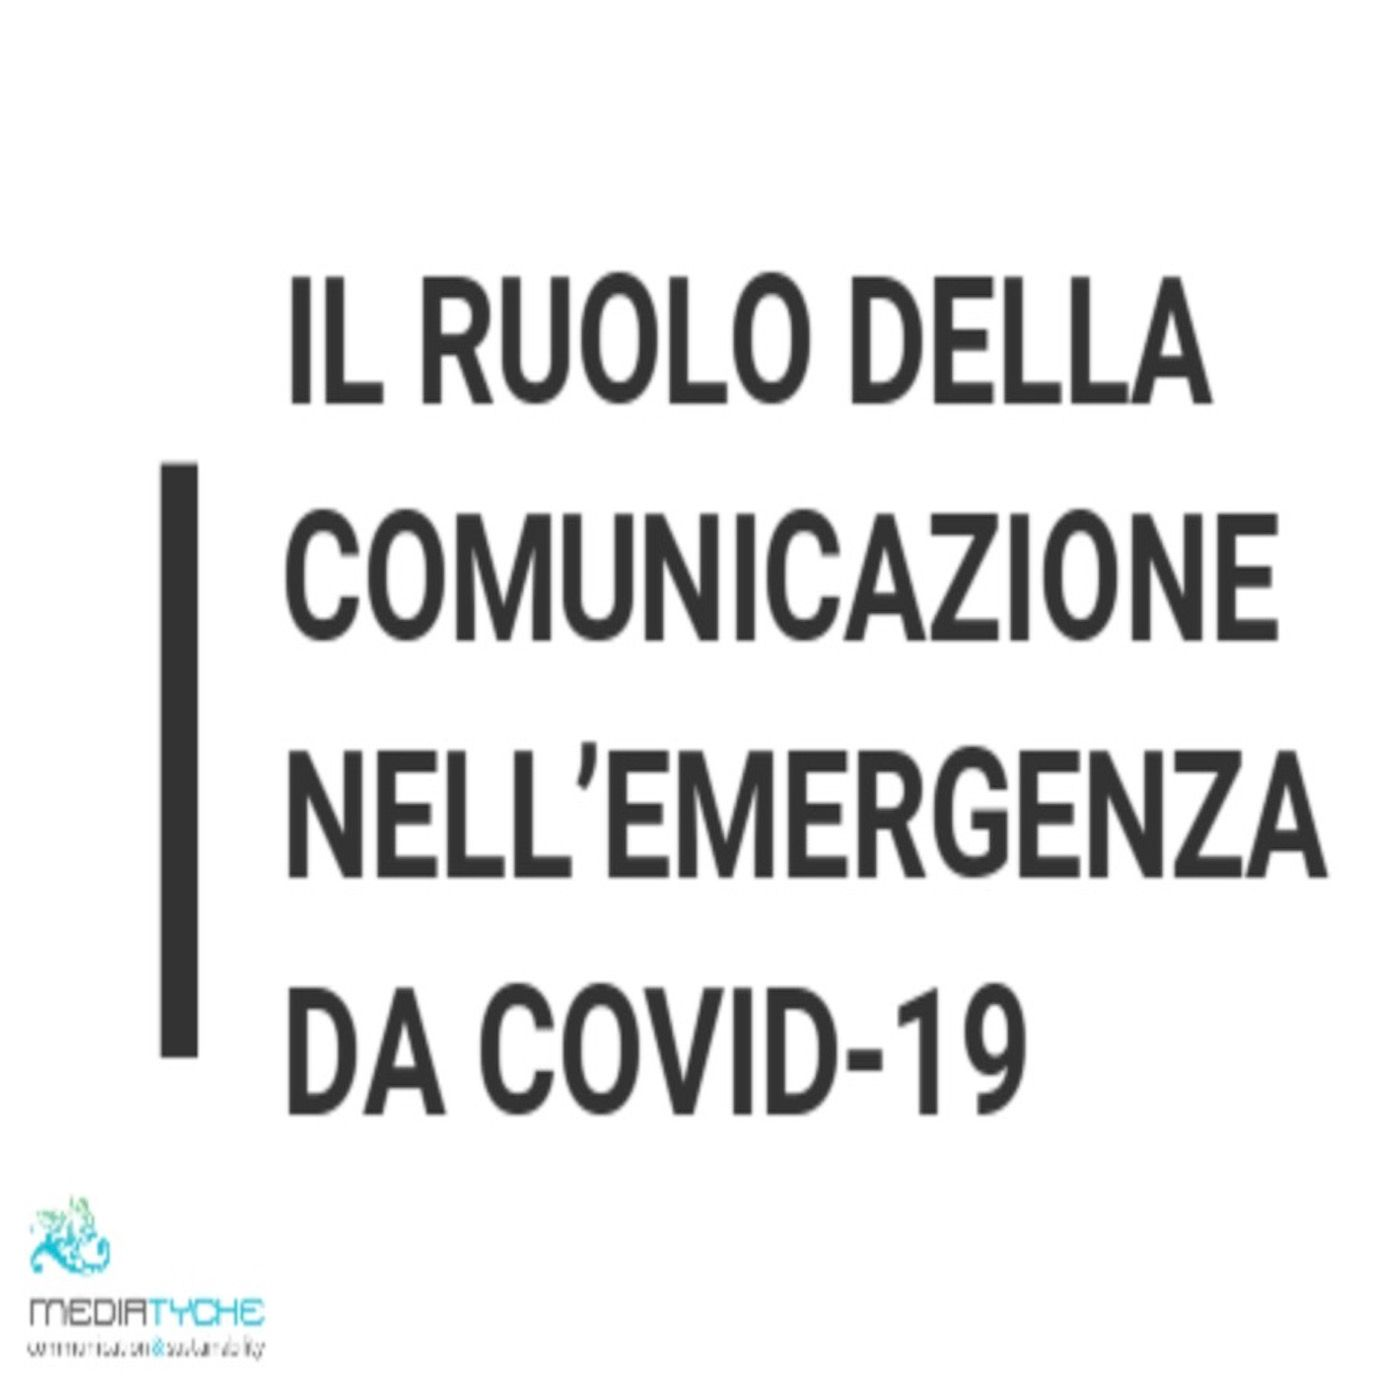 5 - Il ruolo della comunicazione nell'emergenza da Covid-19